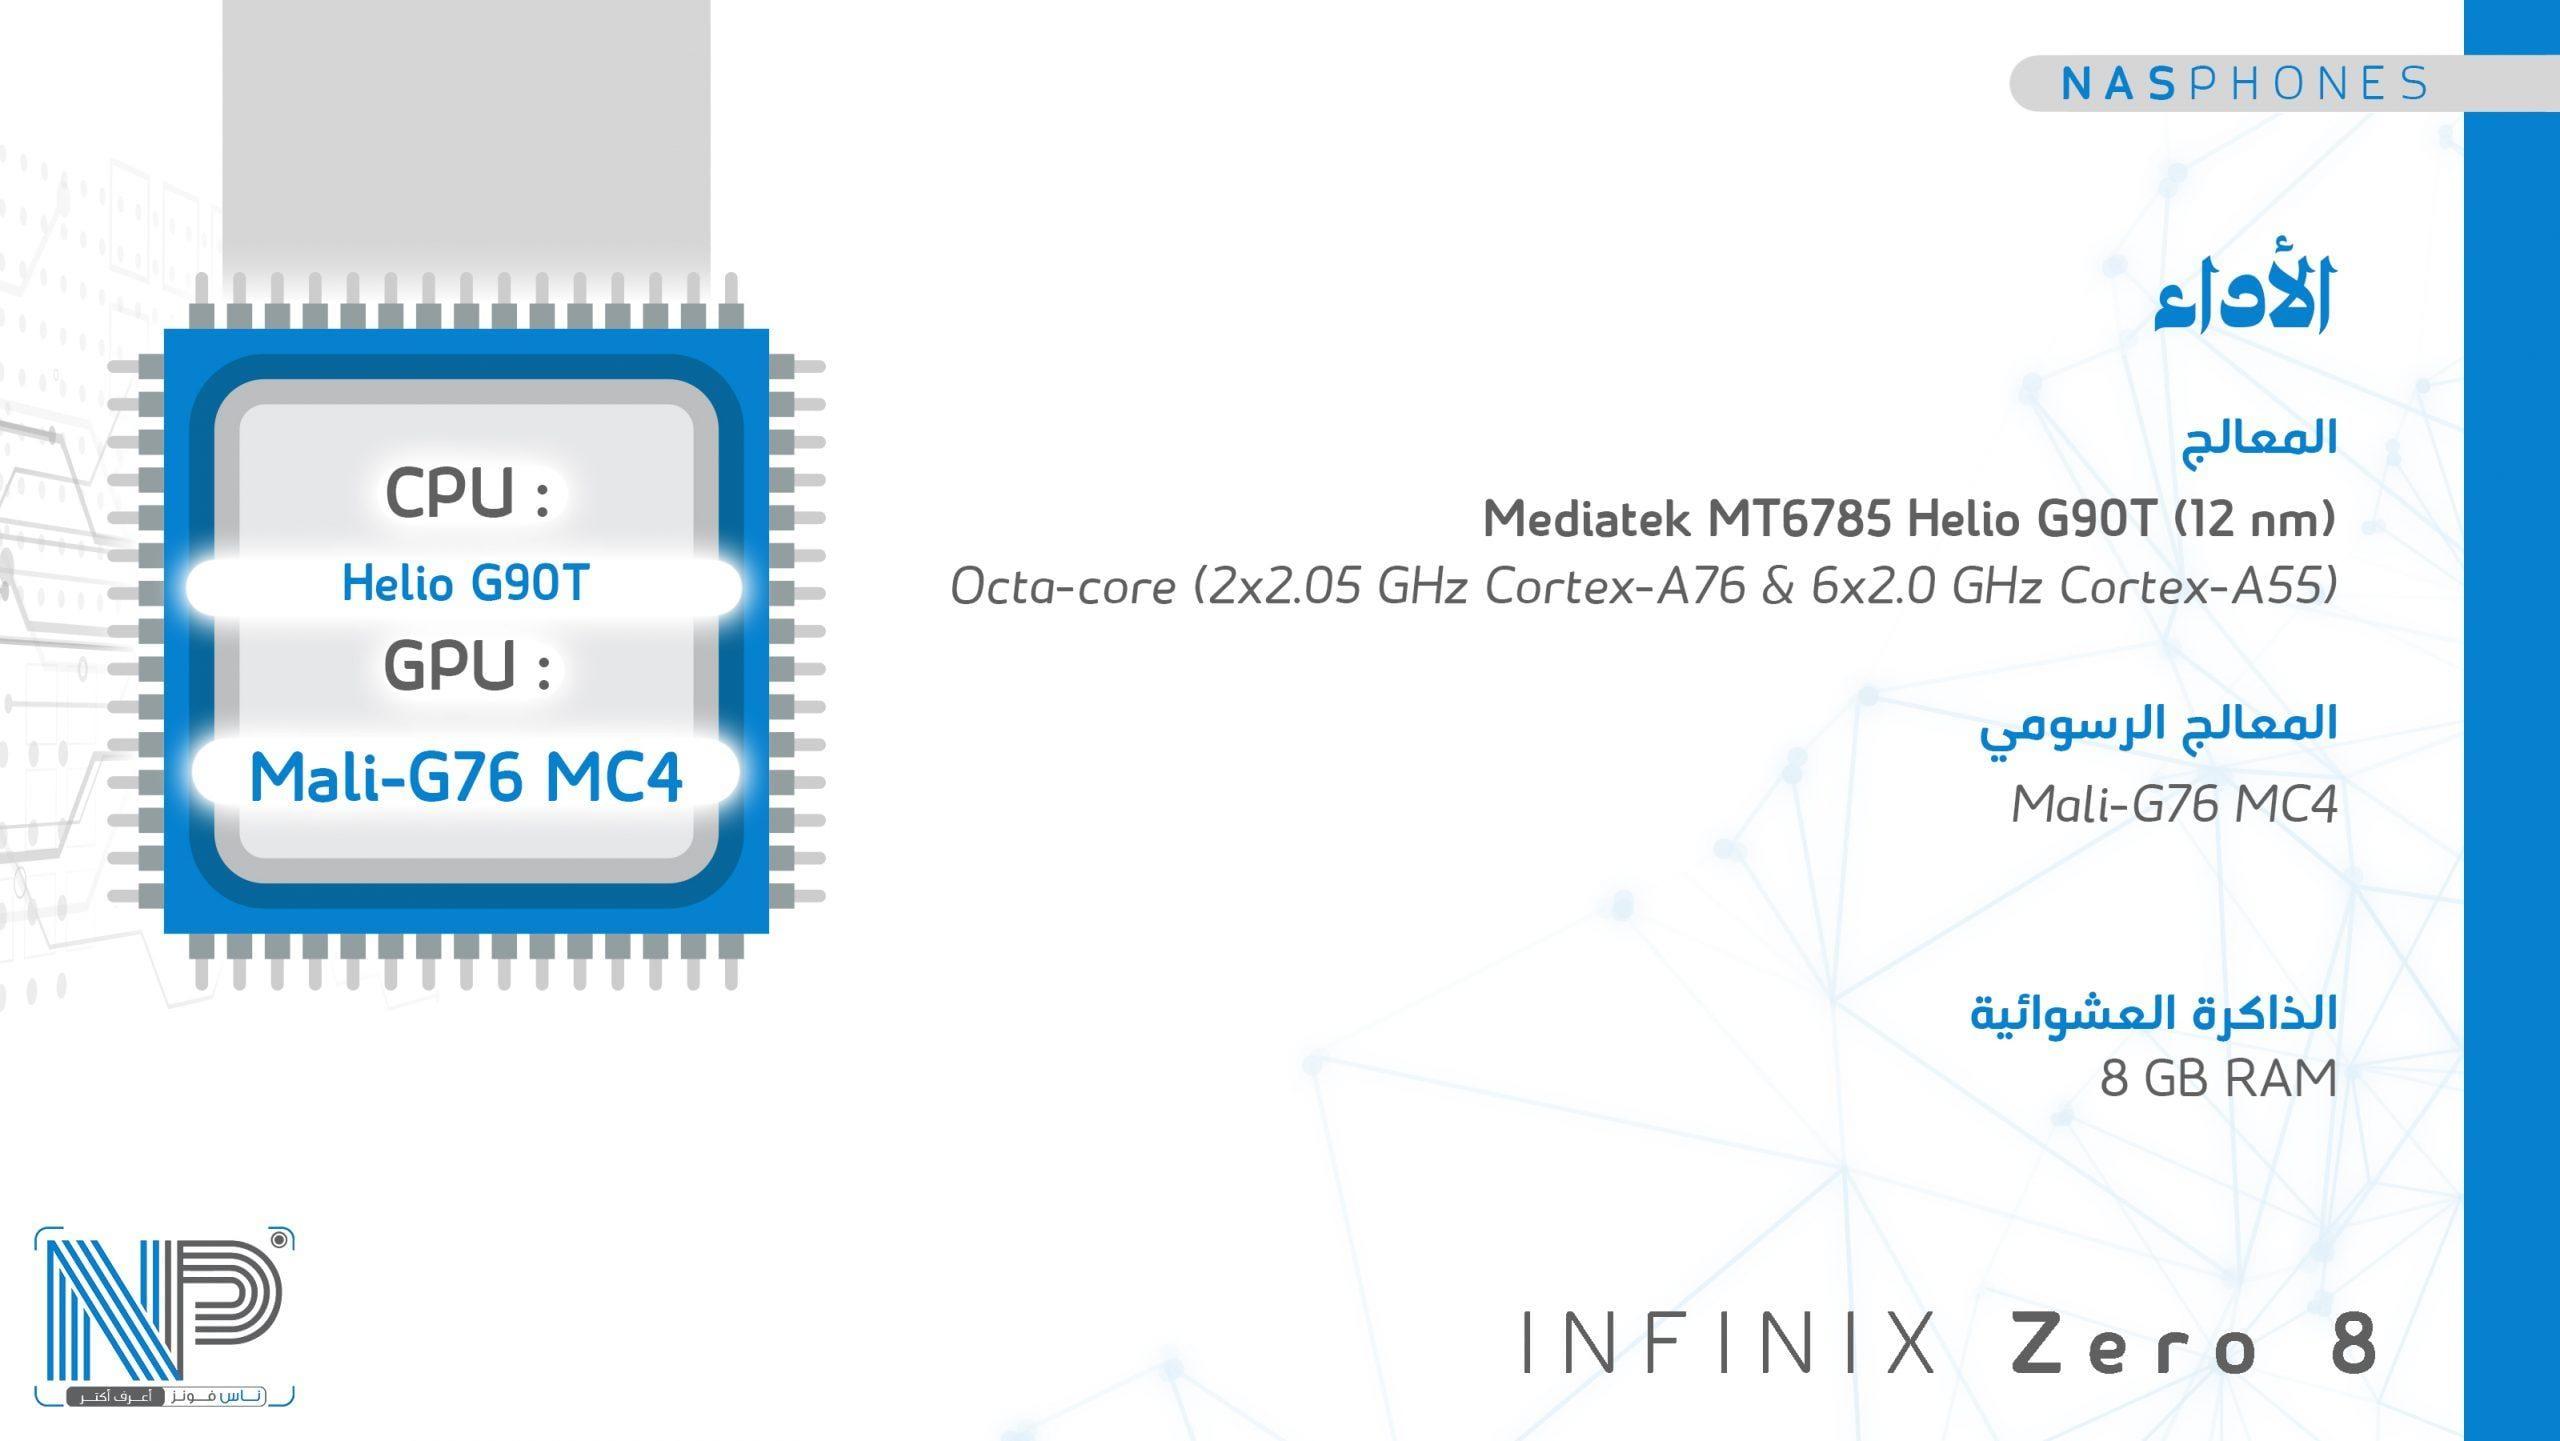 أداء موبايل infinix Zero 8